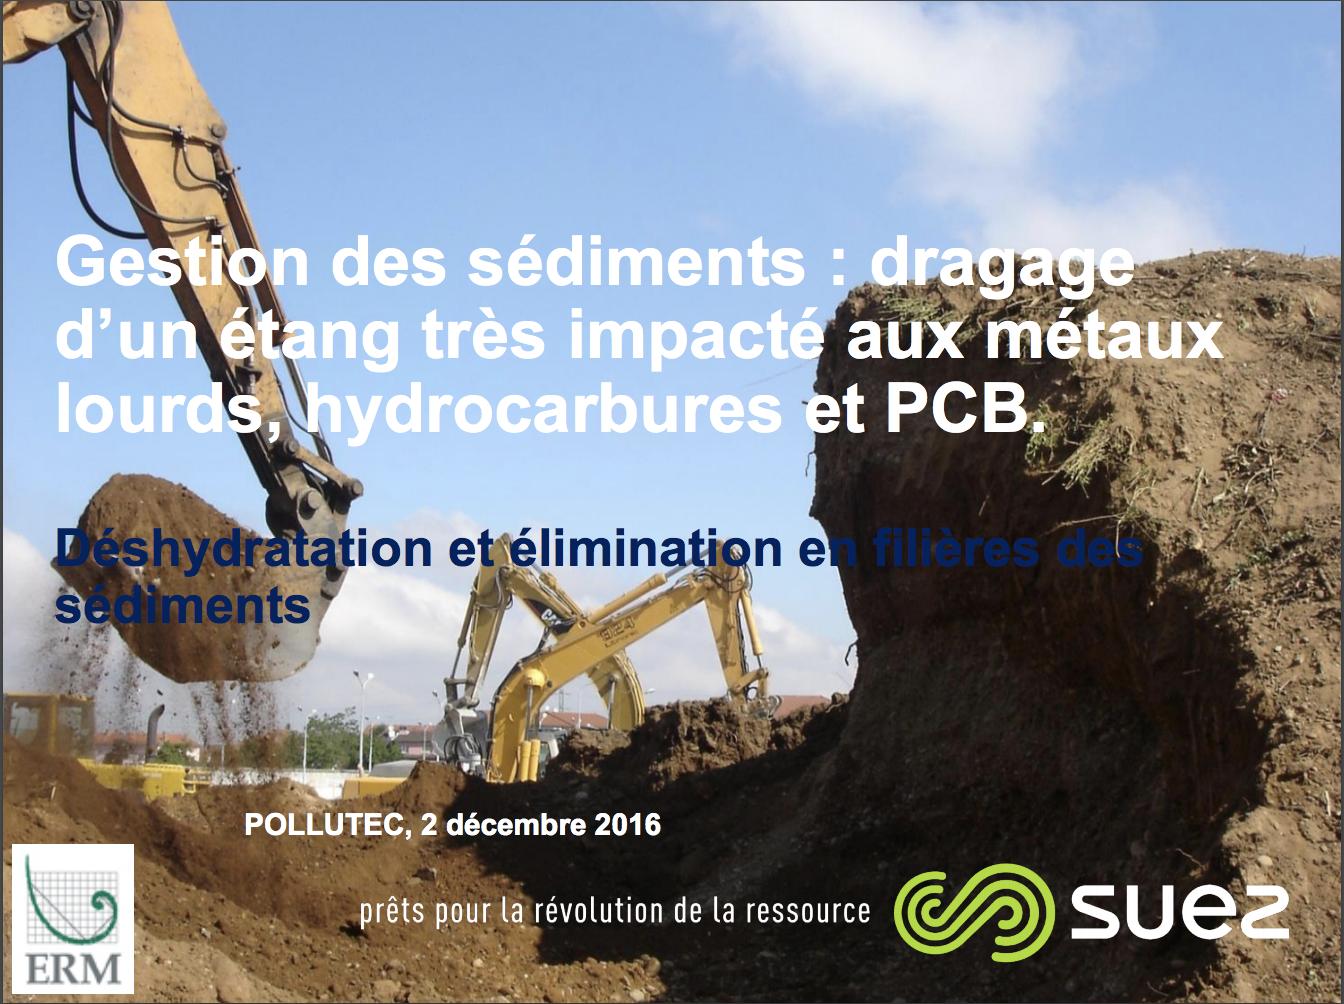 Gestion des sédiments: dragage d'un étang très impacté aux métaux lourds, hydrocarbures et PCB. Déshydratation et élimination en filières des sédiments - SUEZ et ERM - 2016